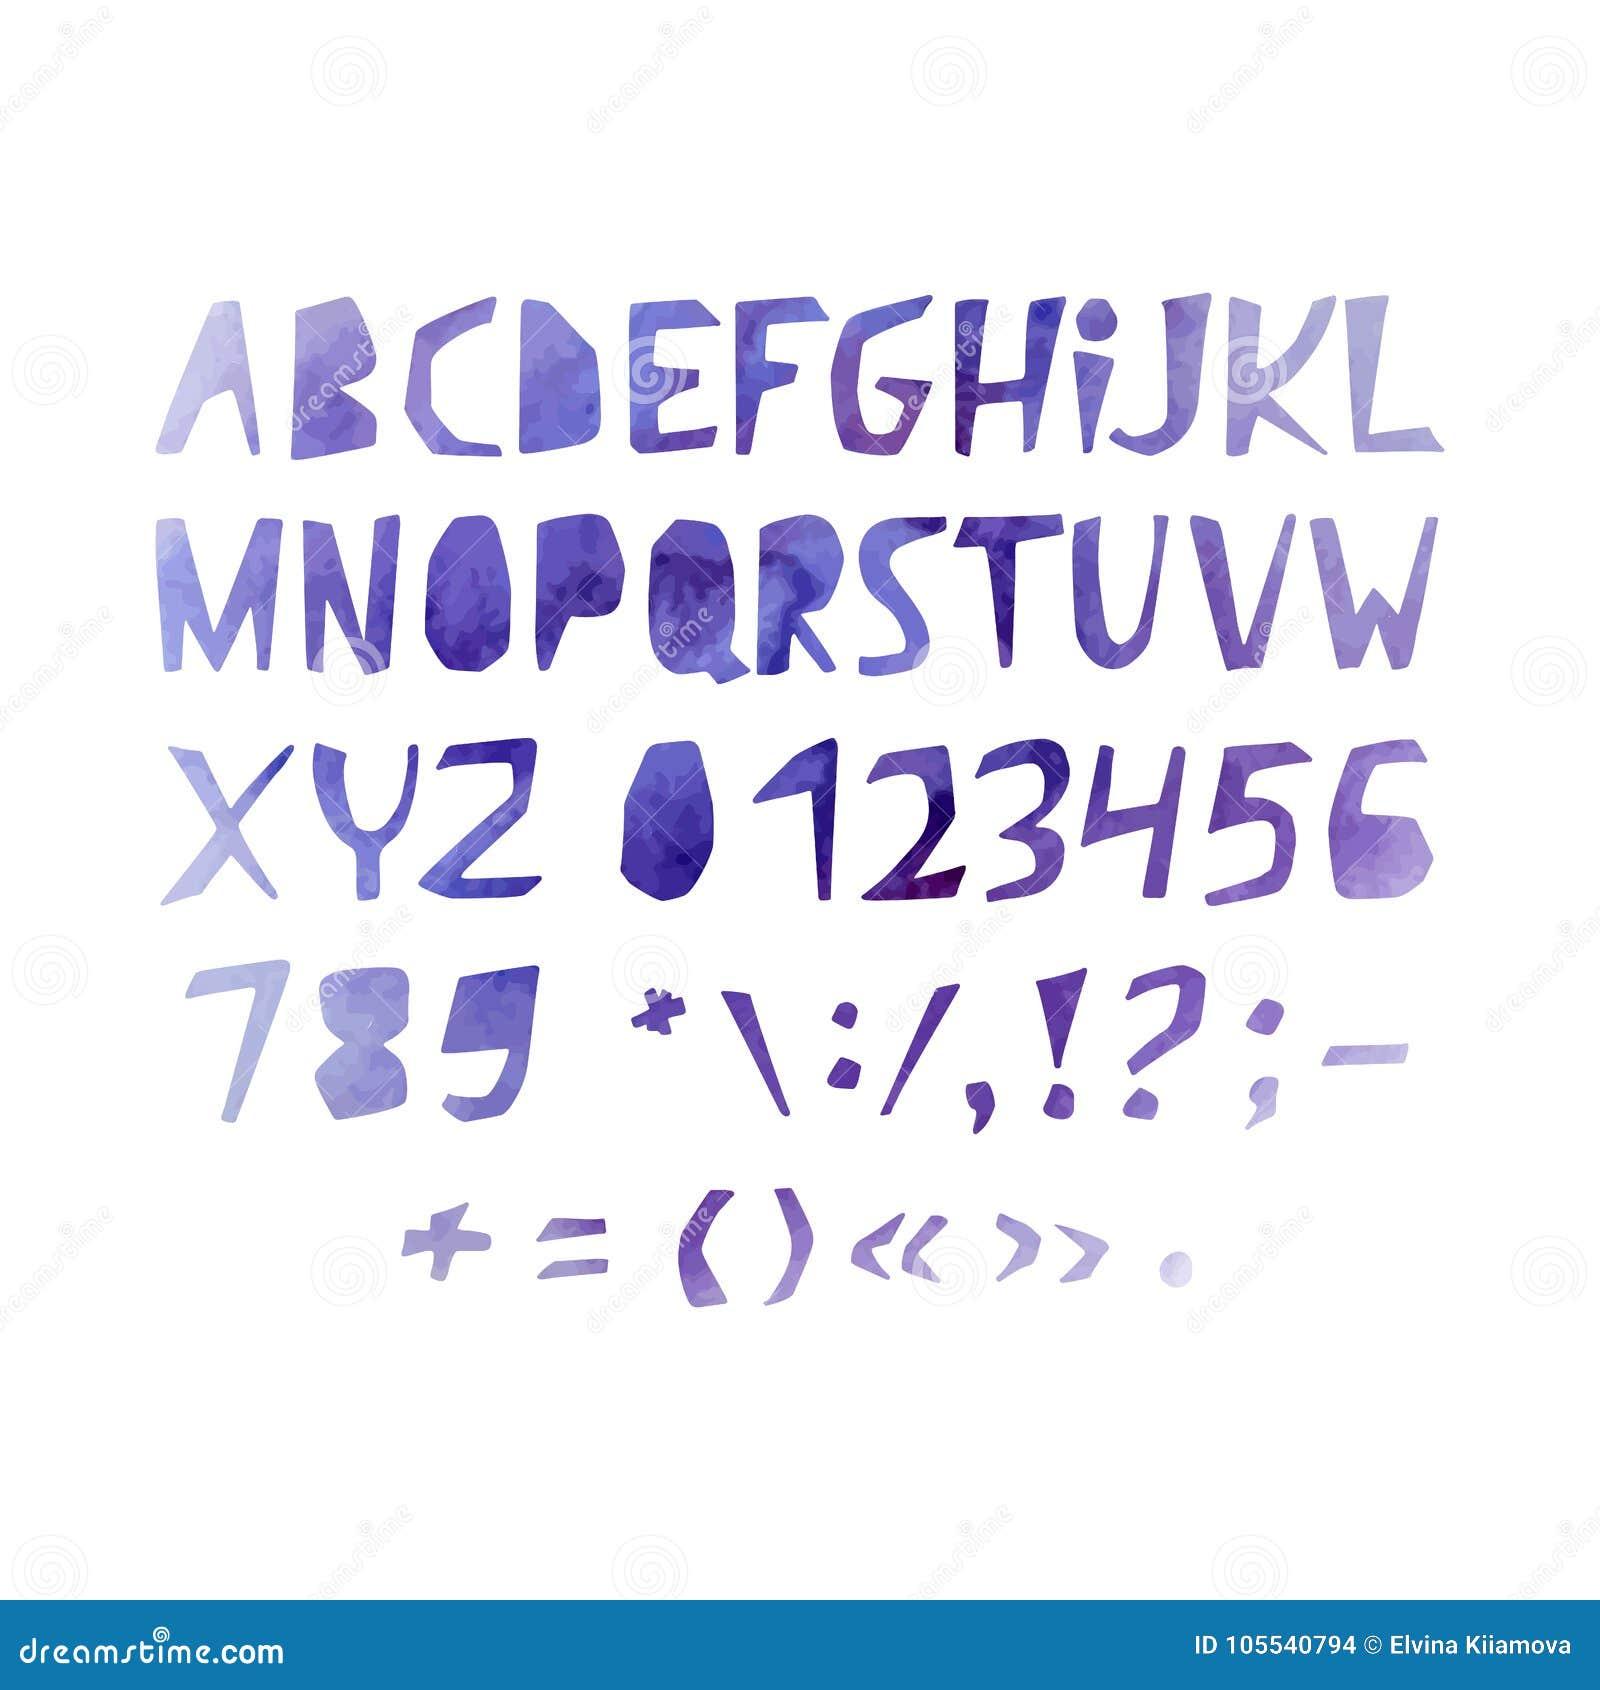 Abc logo xyz font #1